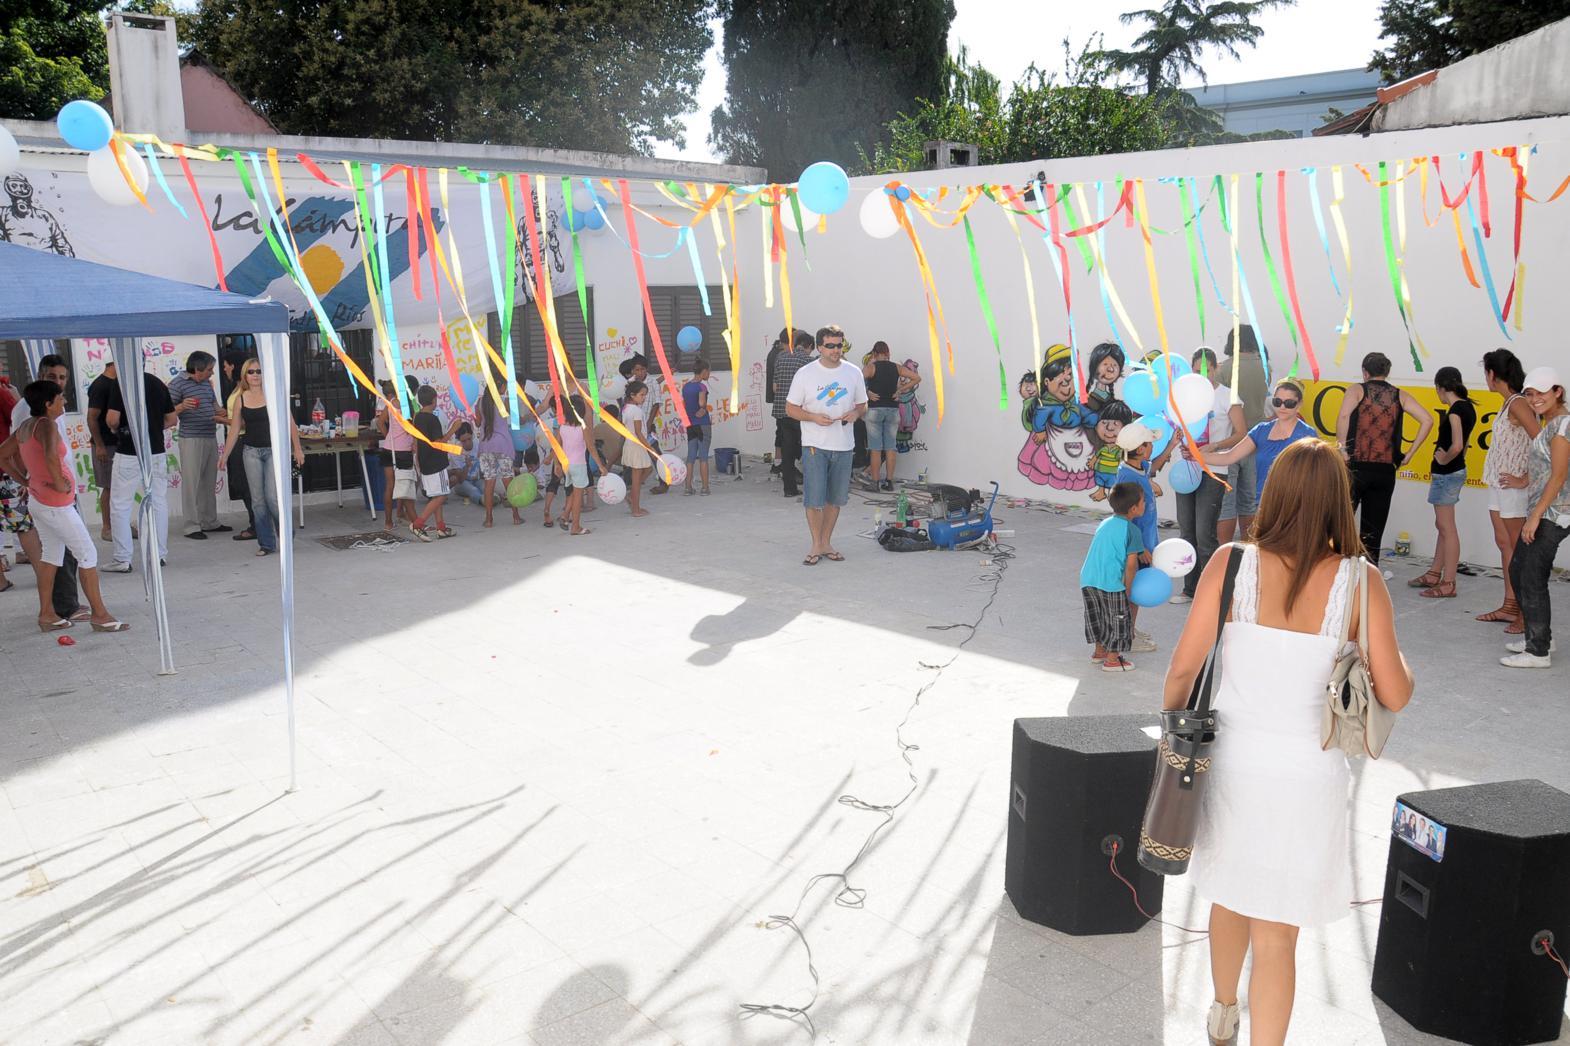 murales-21